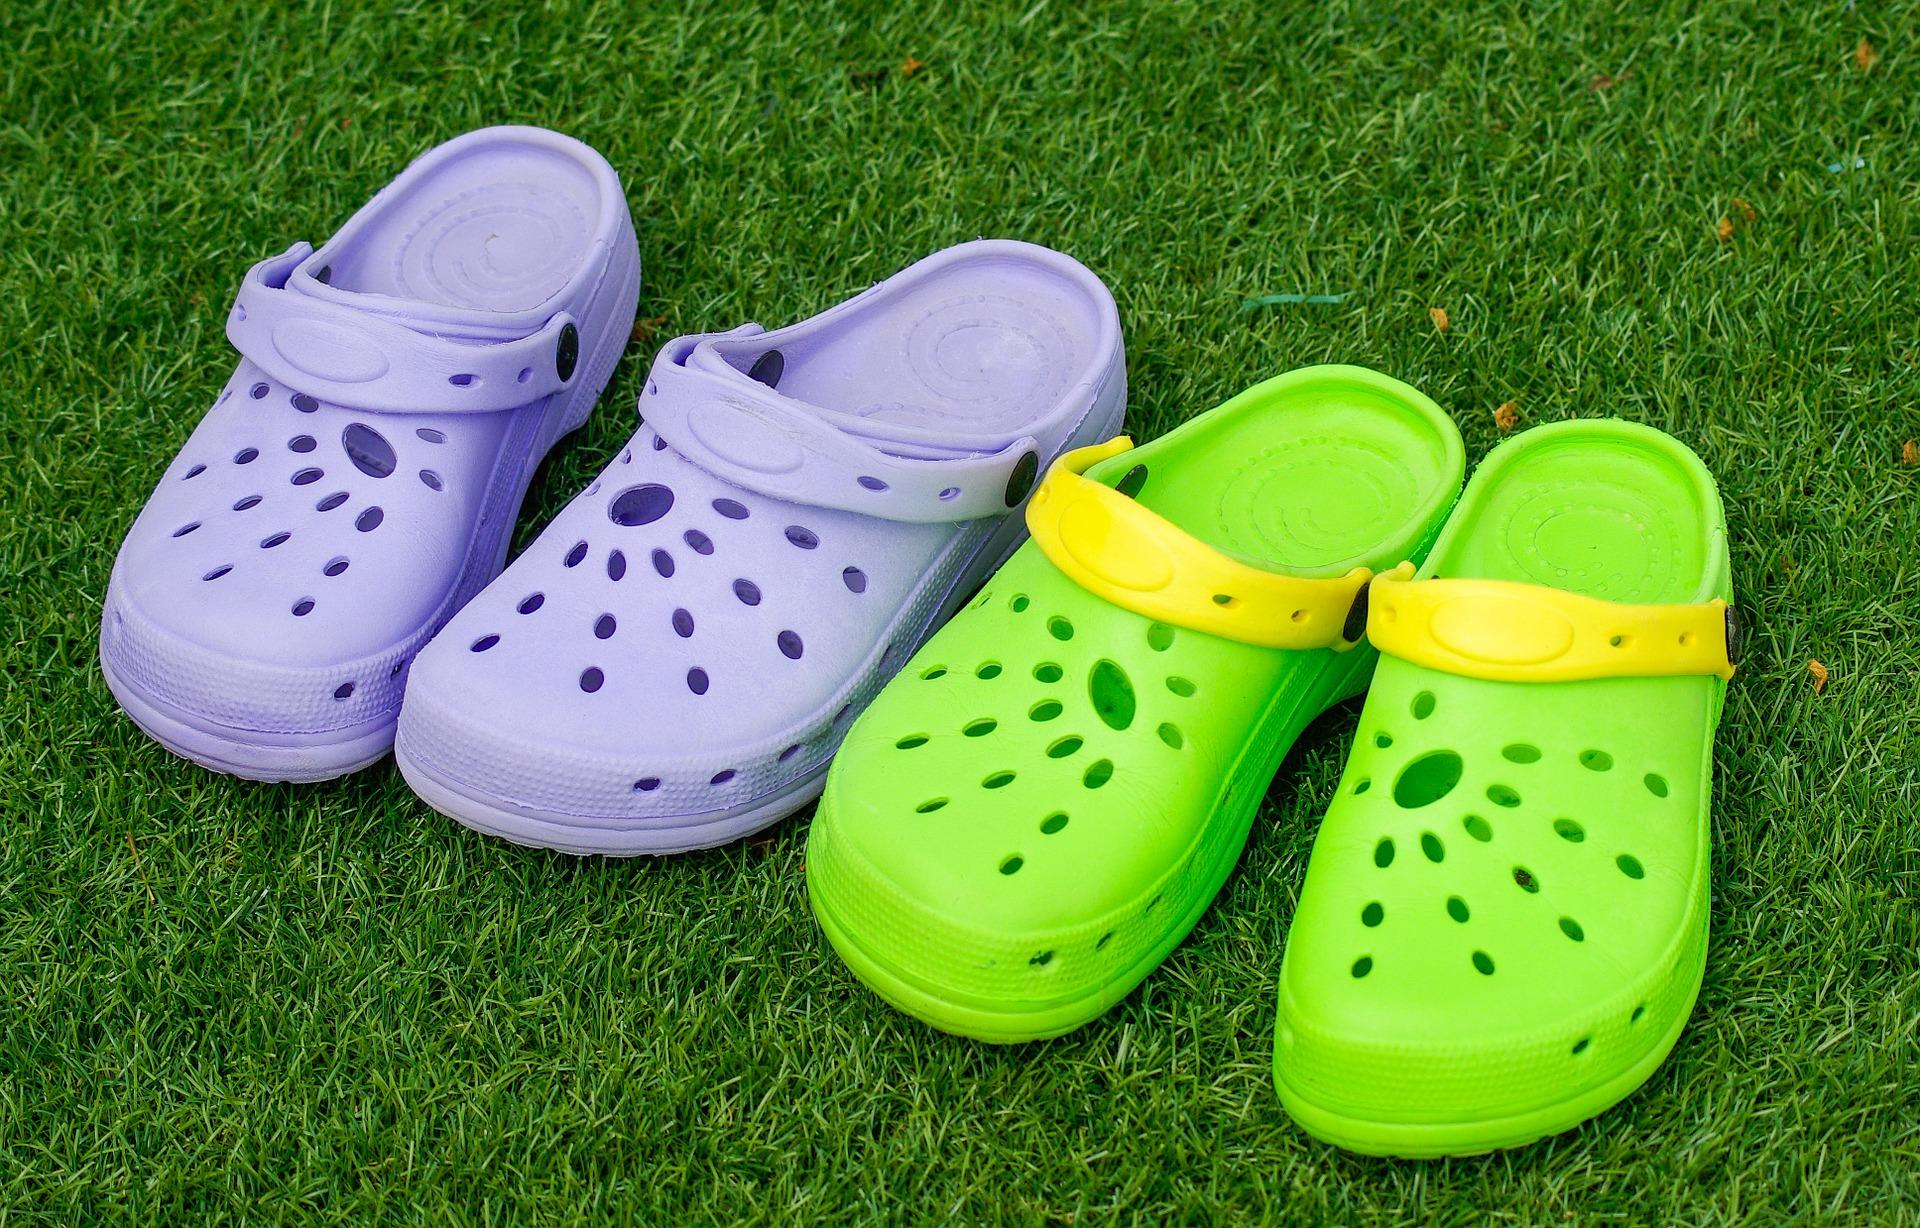 ②洞洞鞋——穿出腳氣  洞洞鞋從本質上來說是塑料鞋,但由於洞洞鞋的構造及材質,容易積水,並且水分不易被鞋吸收、揮發,它上面的鞋洞也只能幫助腳面透氣,而最需要透氣和乾爽的腳底,卻得不到保護。夏天人腳容易出汗,隨著汗液的蒸發,洞洞鞋會倒貼在腳面上,常穿會導致腳部潮濕溫暖,為真菌提供溫床,可能導致腳氣等皮膚病。